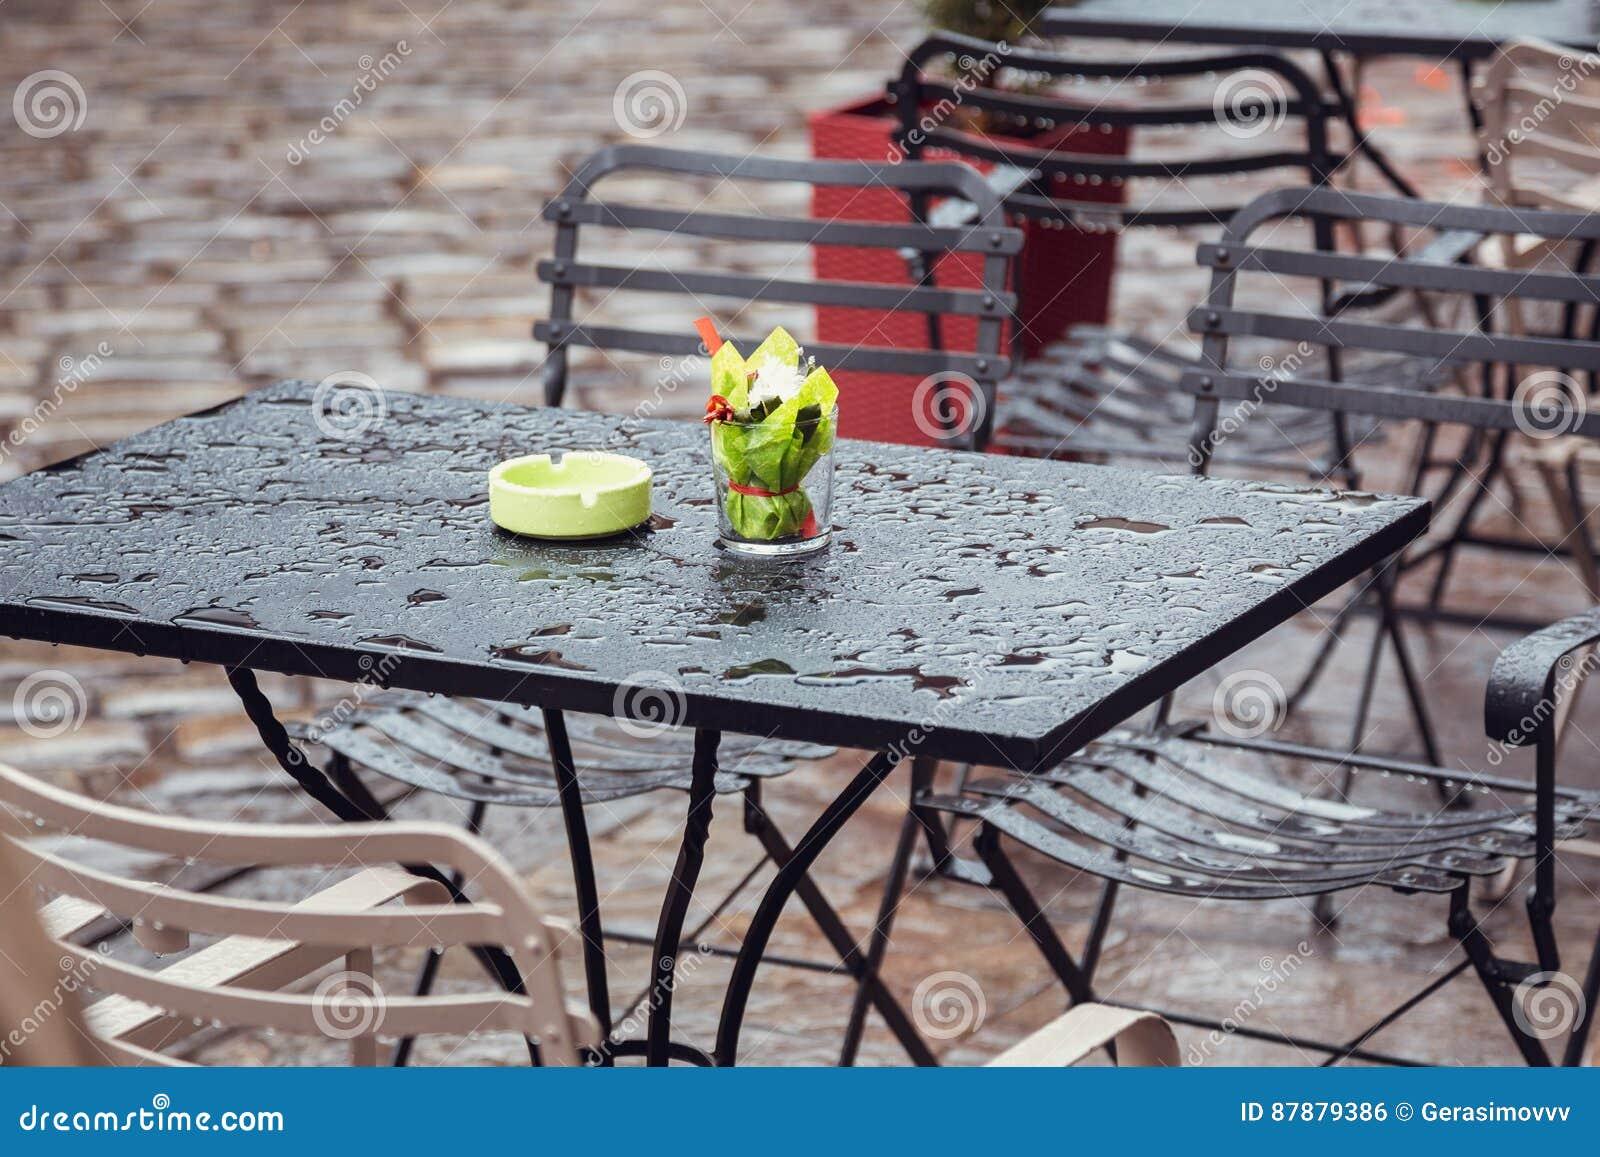 Tavolino Salotto Verde : Tavolino da salotto bagnato dopo la pioggia fotografia stock